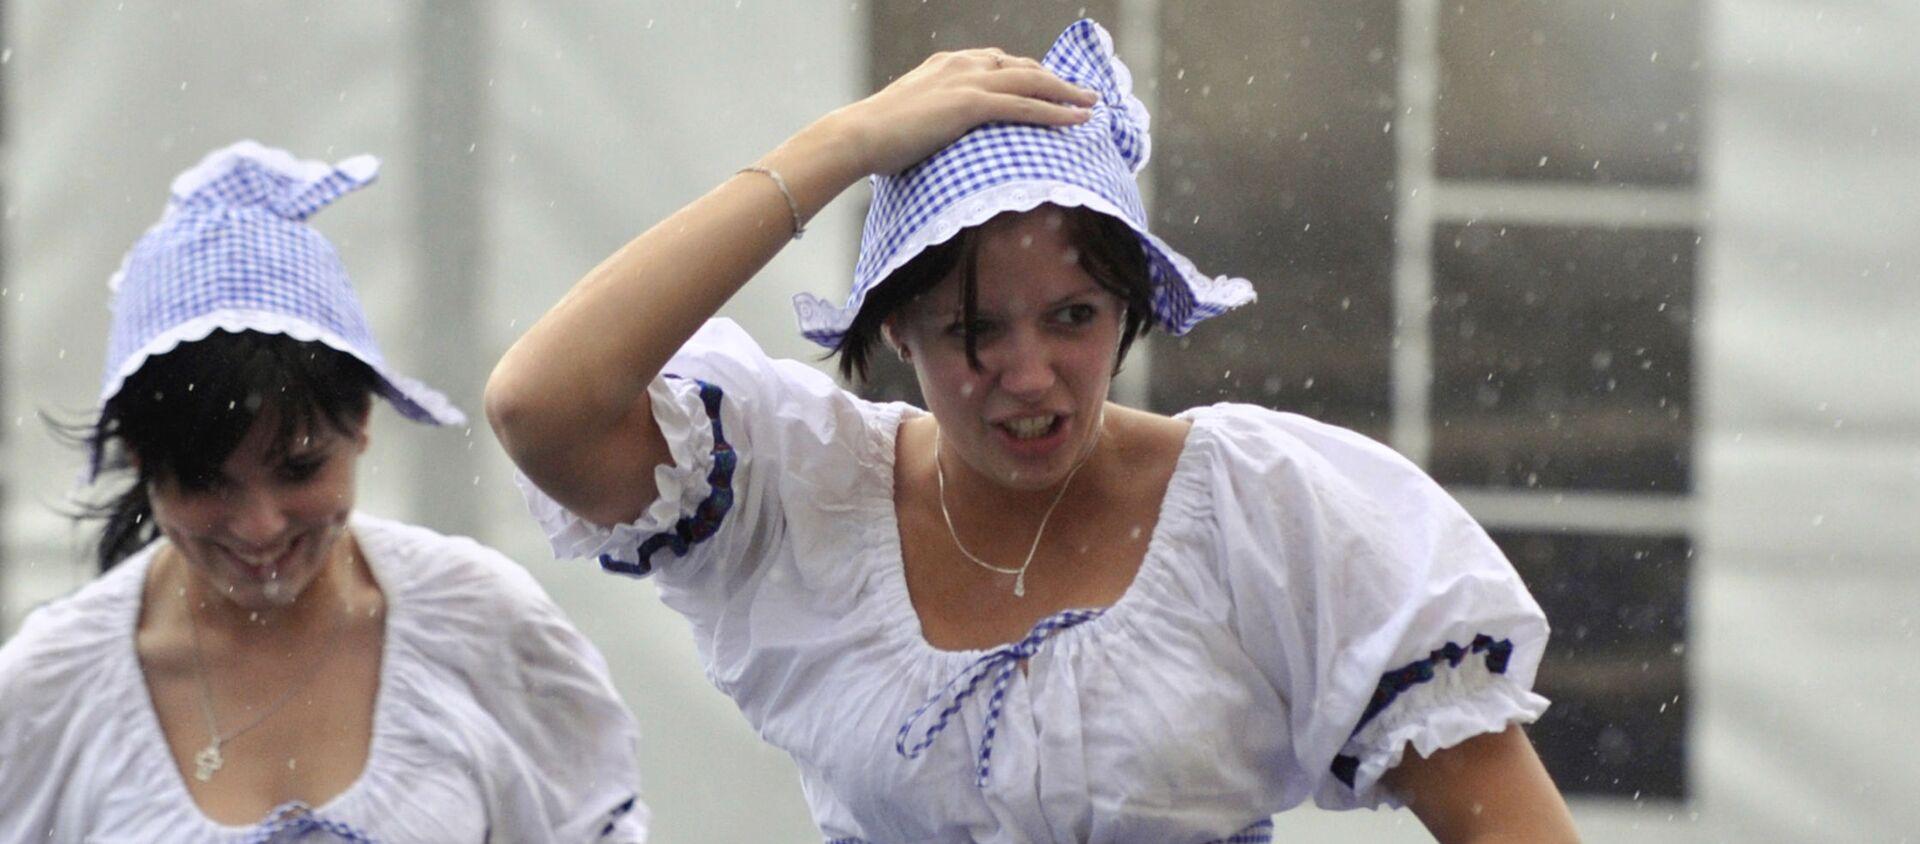 Czeskie kelnerki w deszczu podczas festiwalu piwa w Pradze - Sputnik Polska, 1920, 30.04.2019